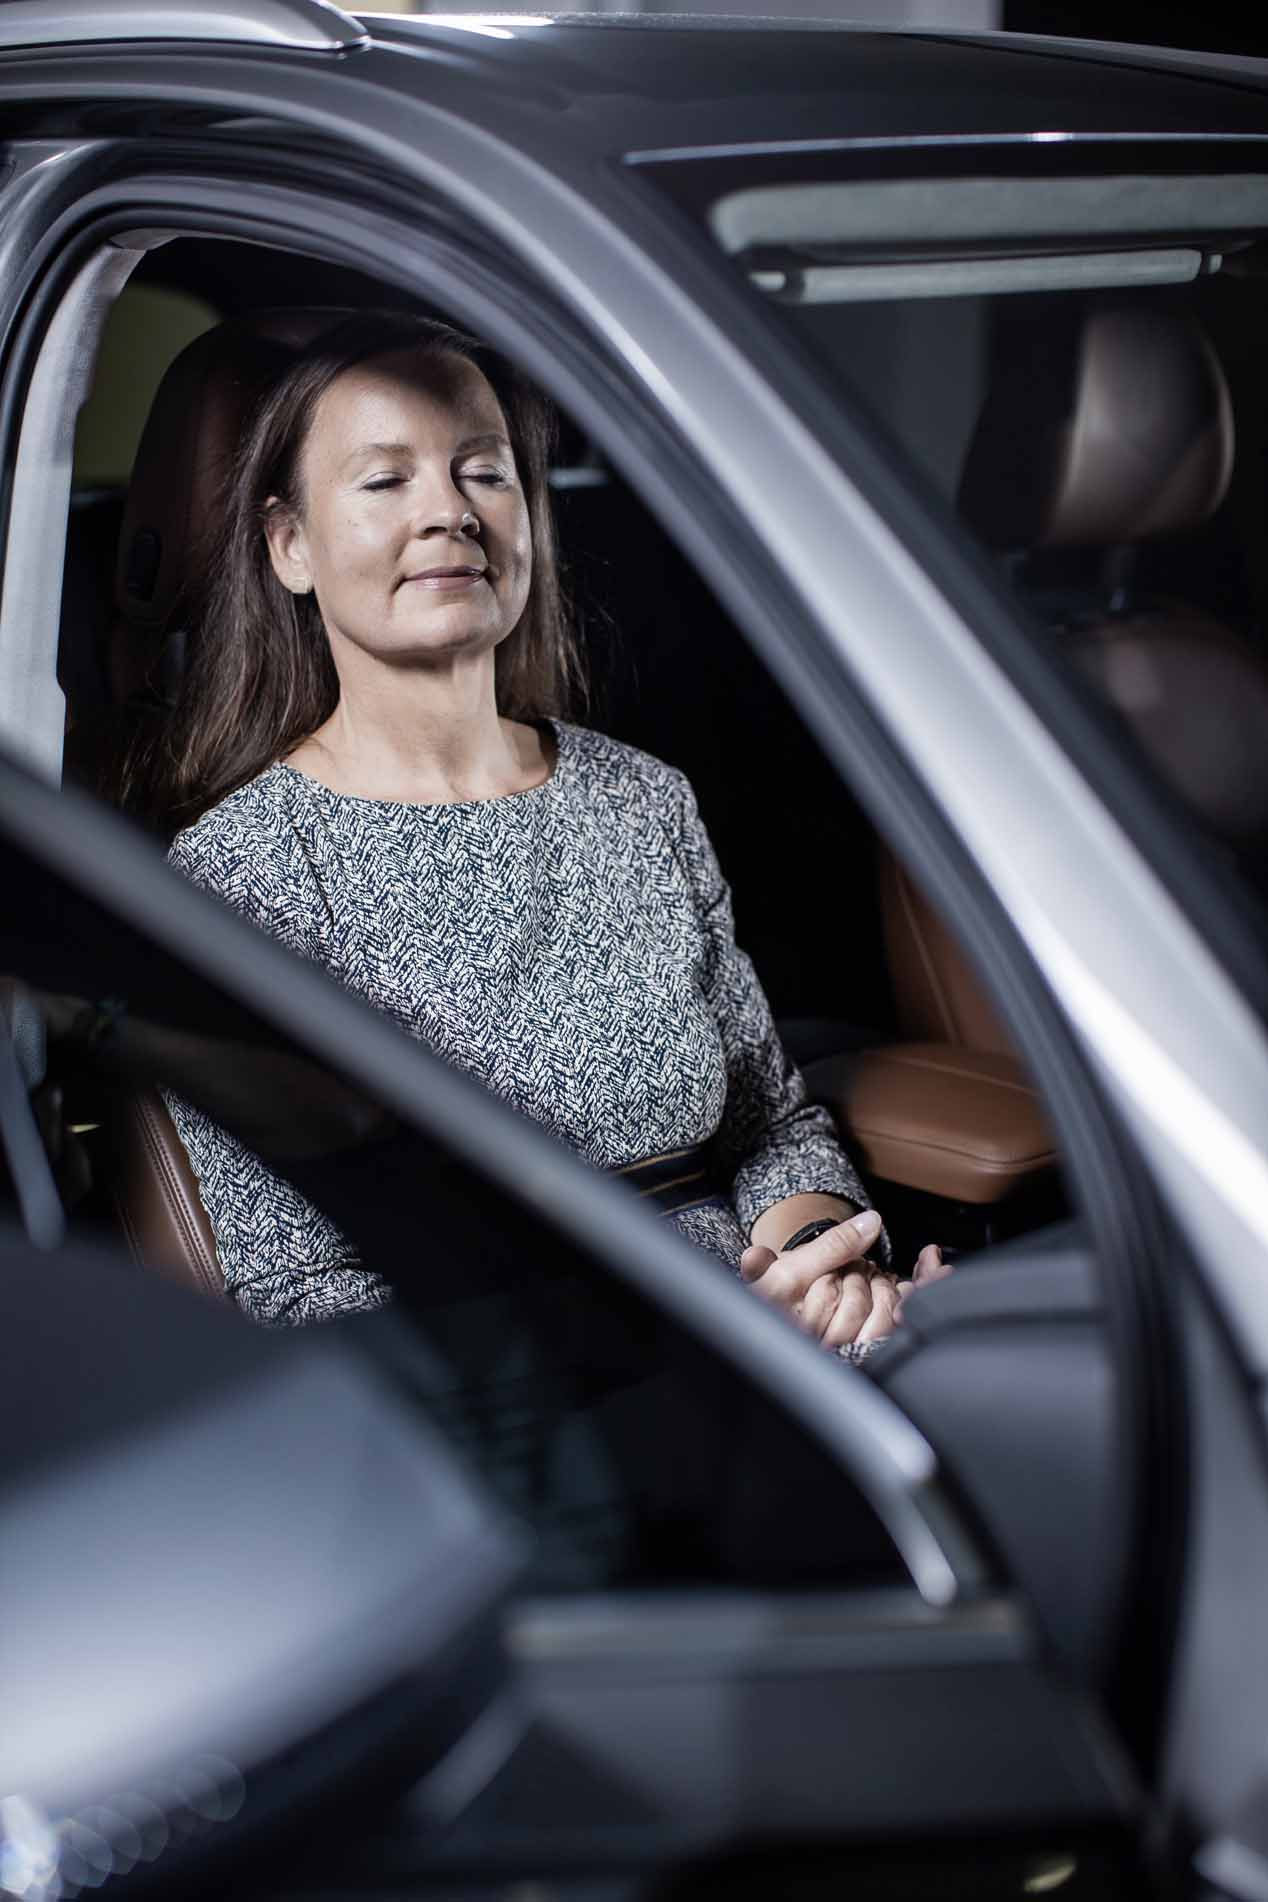 Audi Fit Driver, la inteligencia artificial anti-estrés